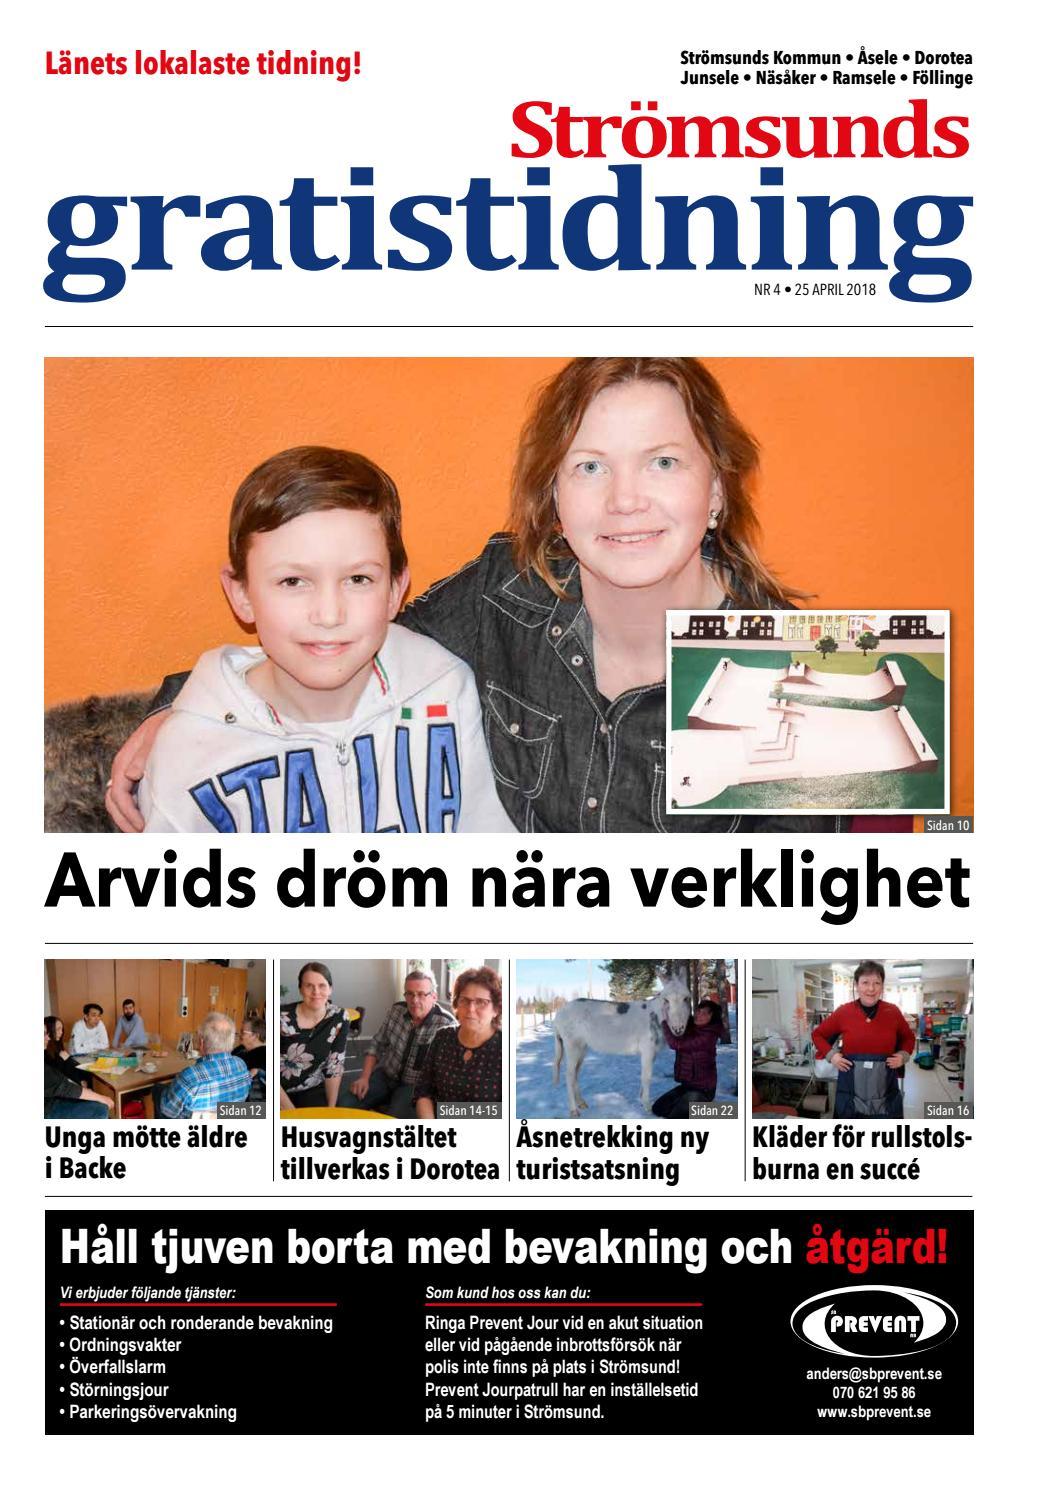 Strmsunds Gratistidning nr 3 2018 by Jmtlands Tidningar